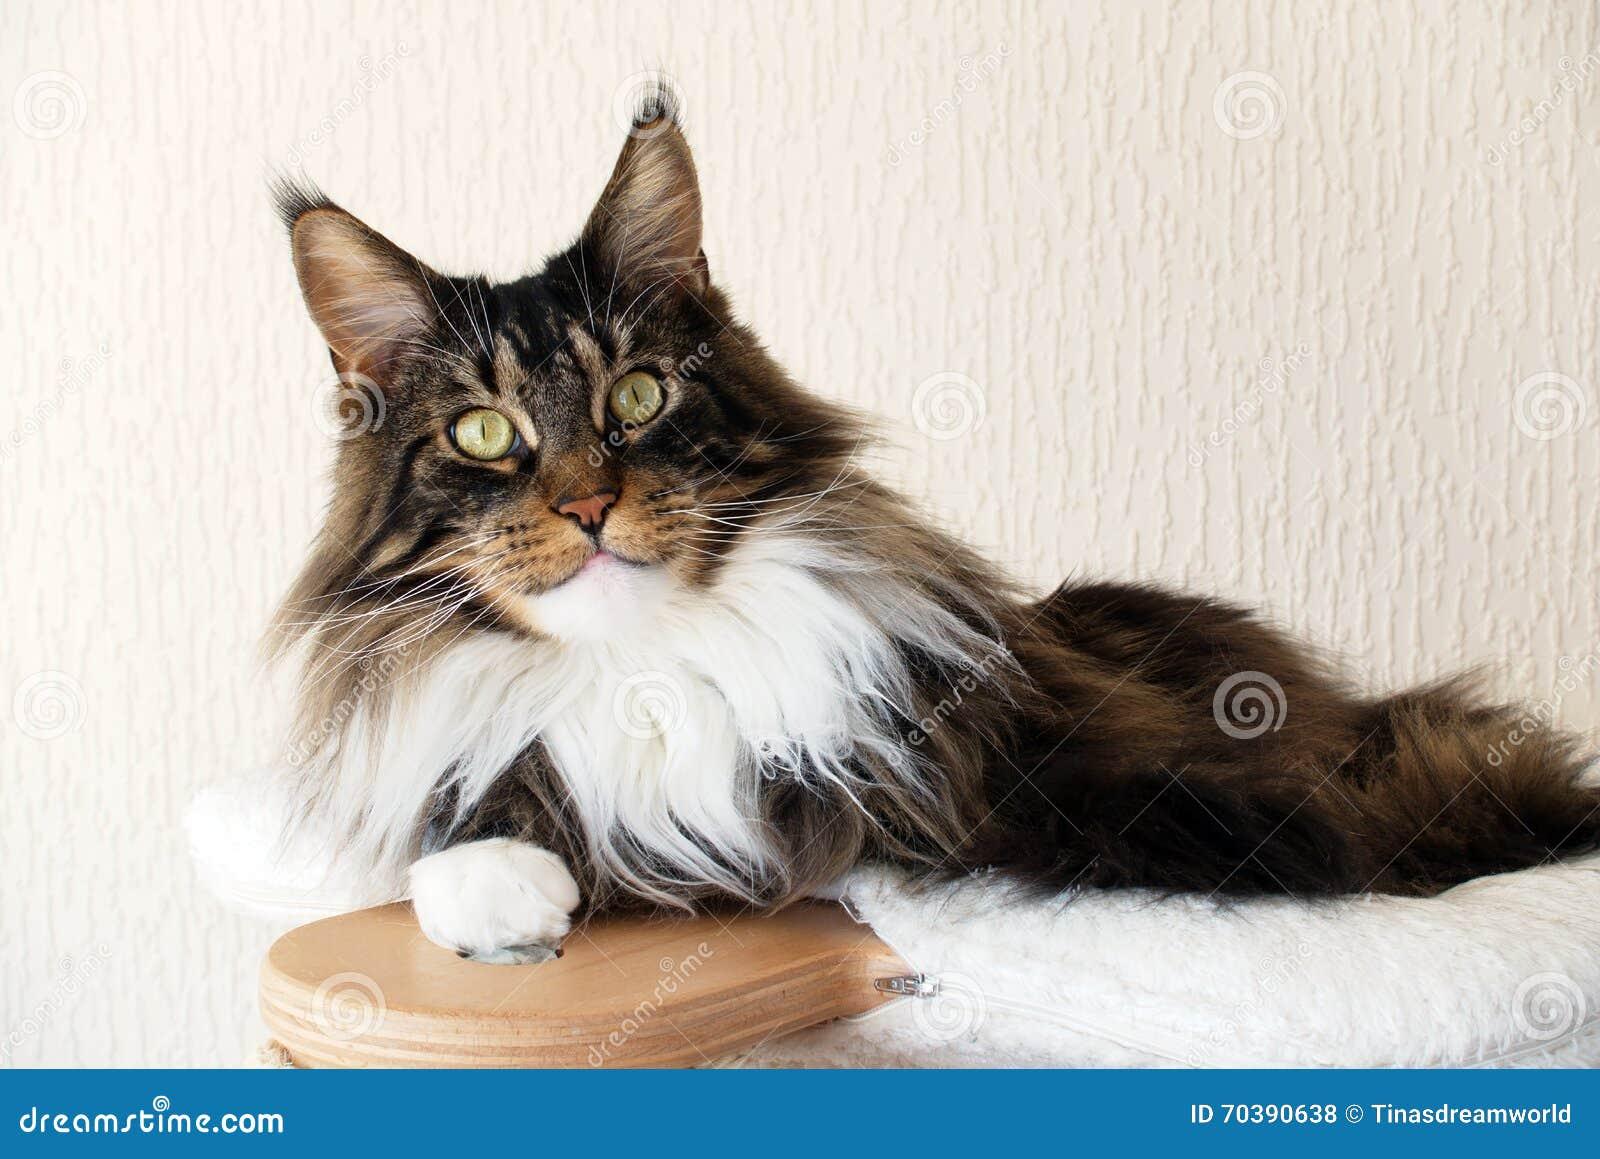 brown tigr avec le chat blanc de maine coon sur l 39 arbre. Black Bedroom Furniture Sets. Home Design Ideas